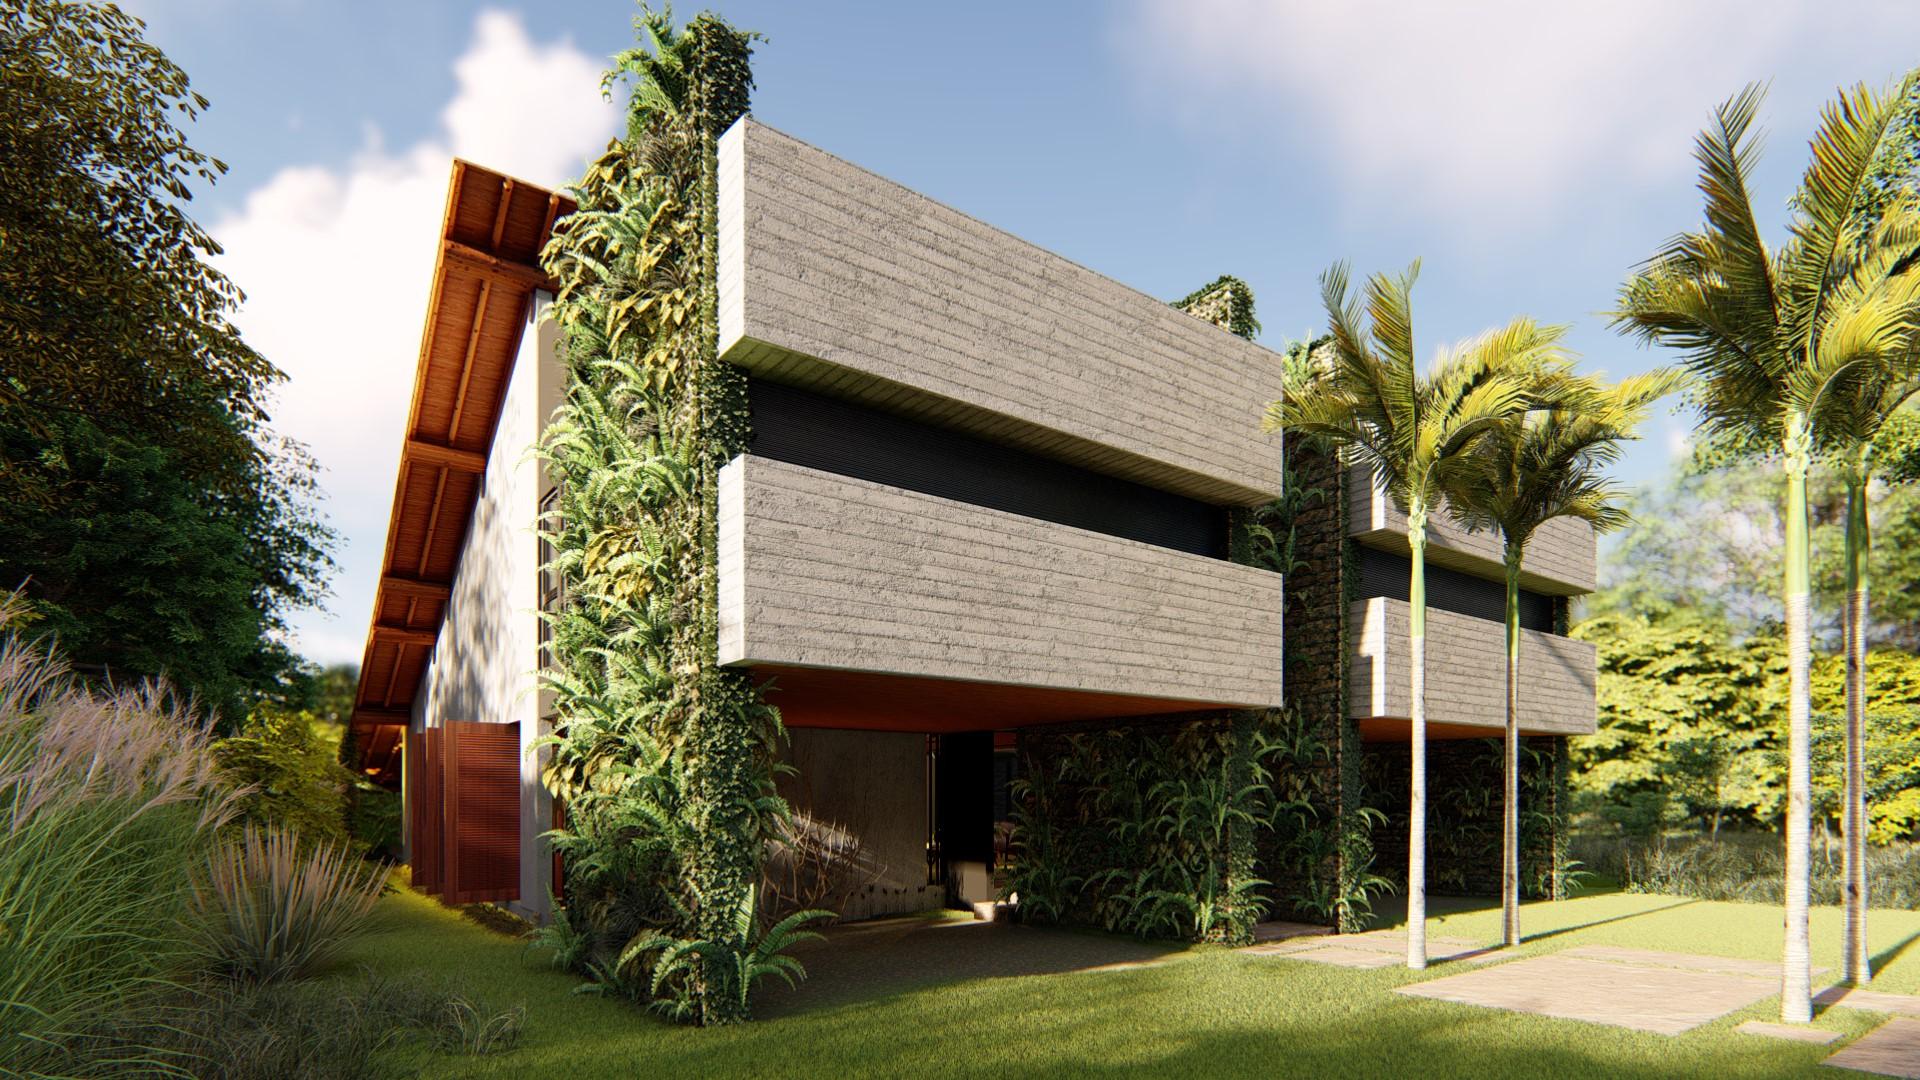 Projeto contemporâneo para casa de praia